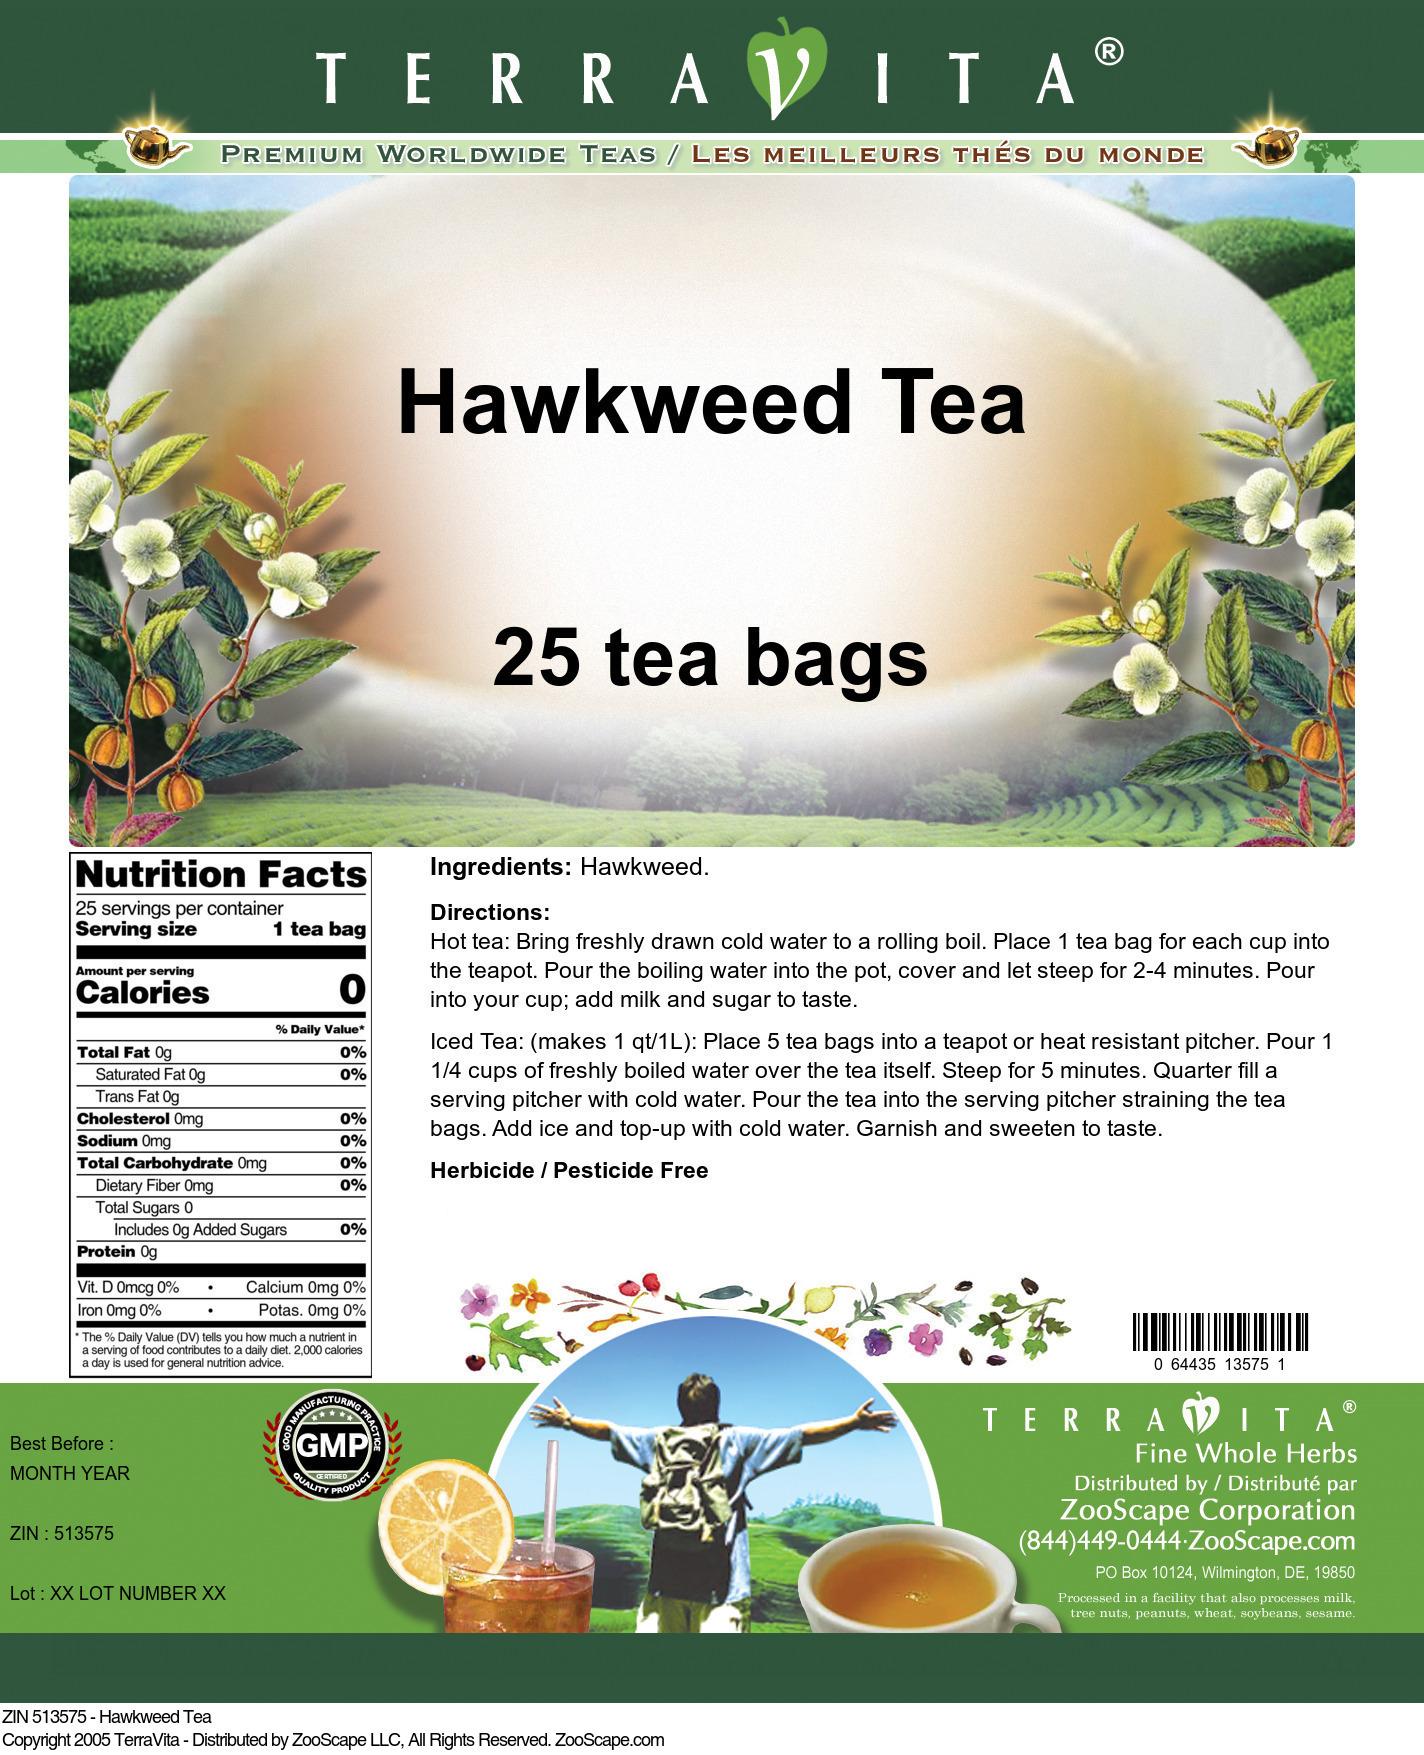 Hawkweed Tea